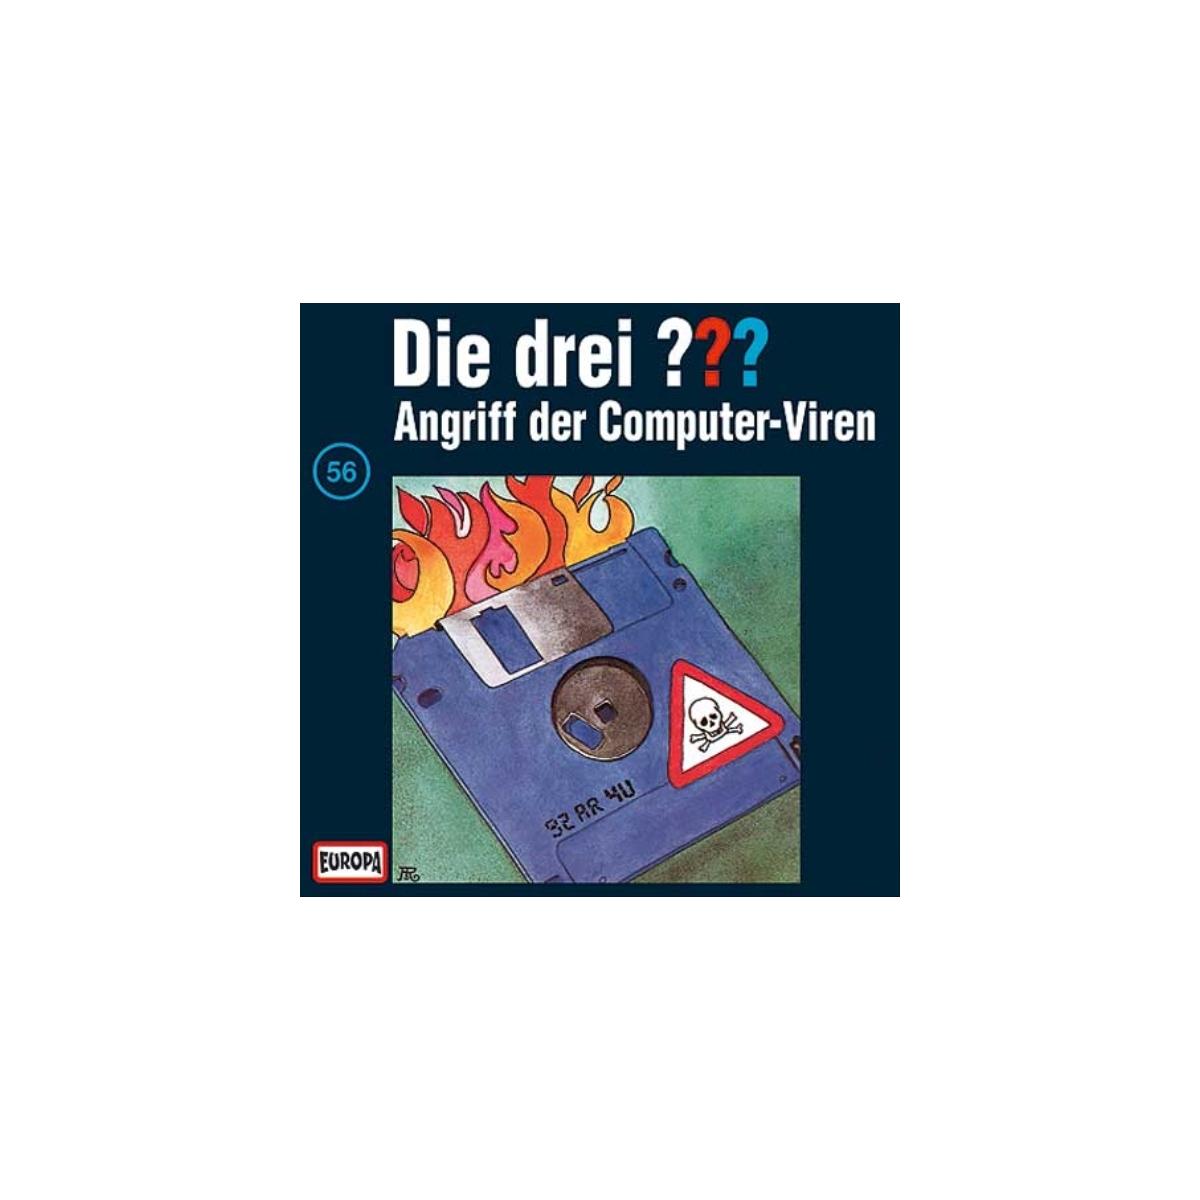 56 Sonstige Spielzeug-Artikel CD Drei !!